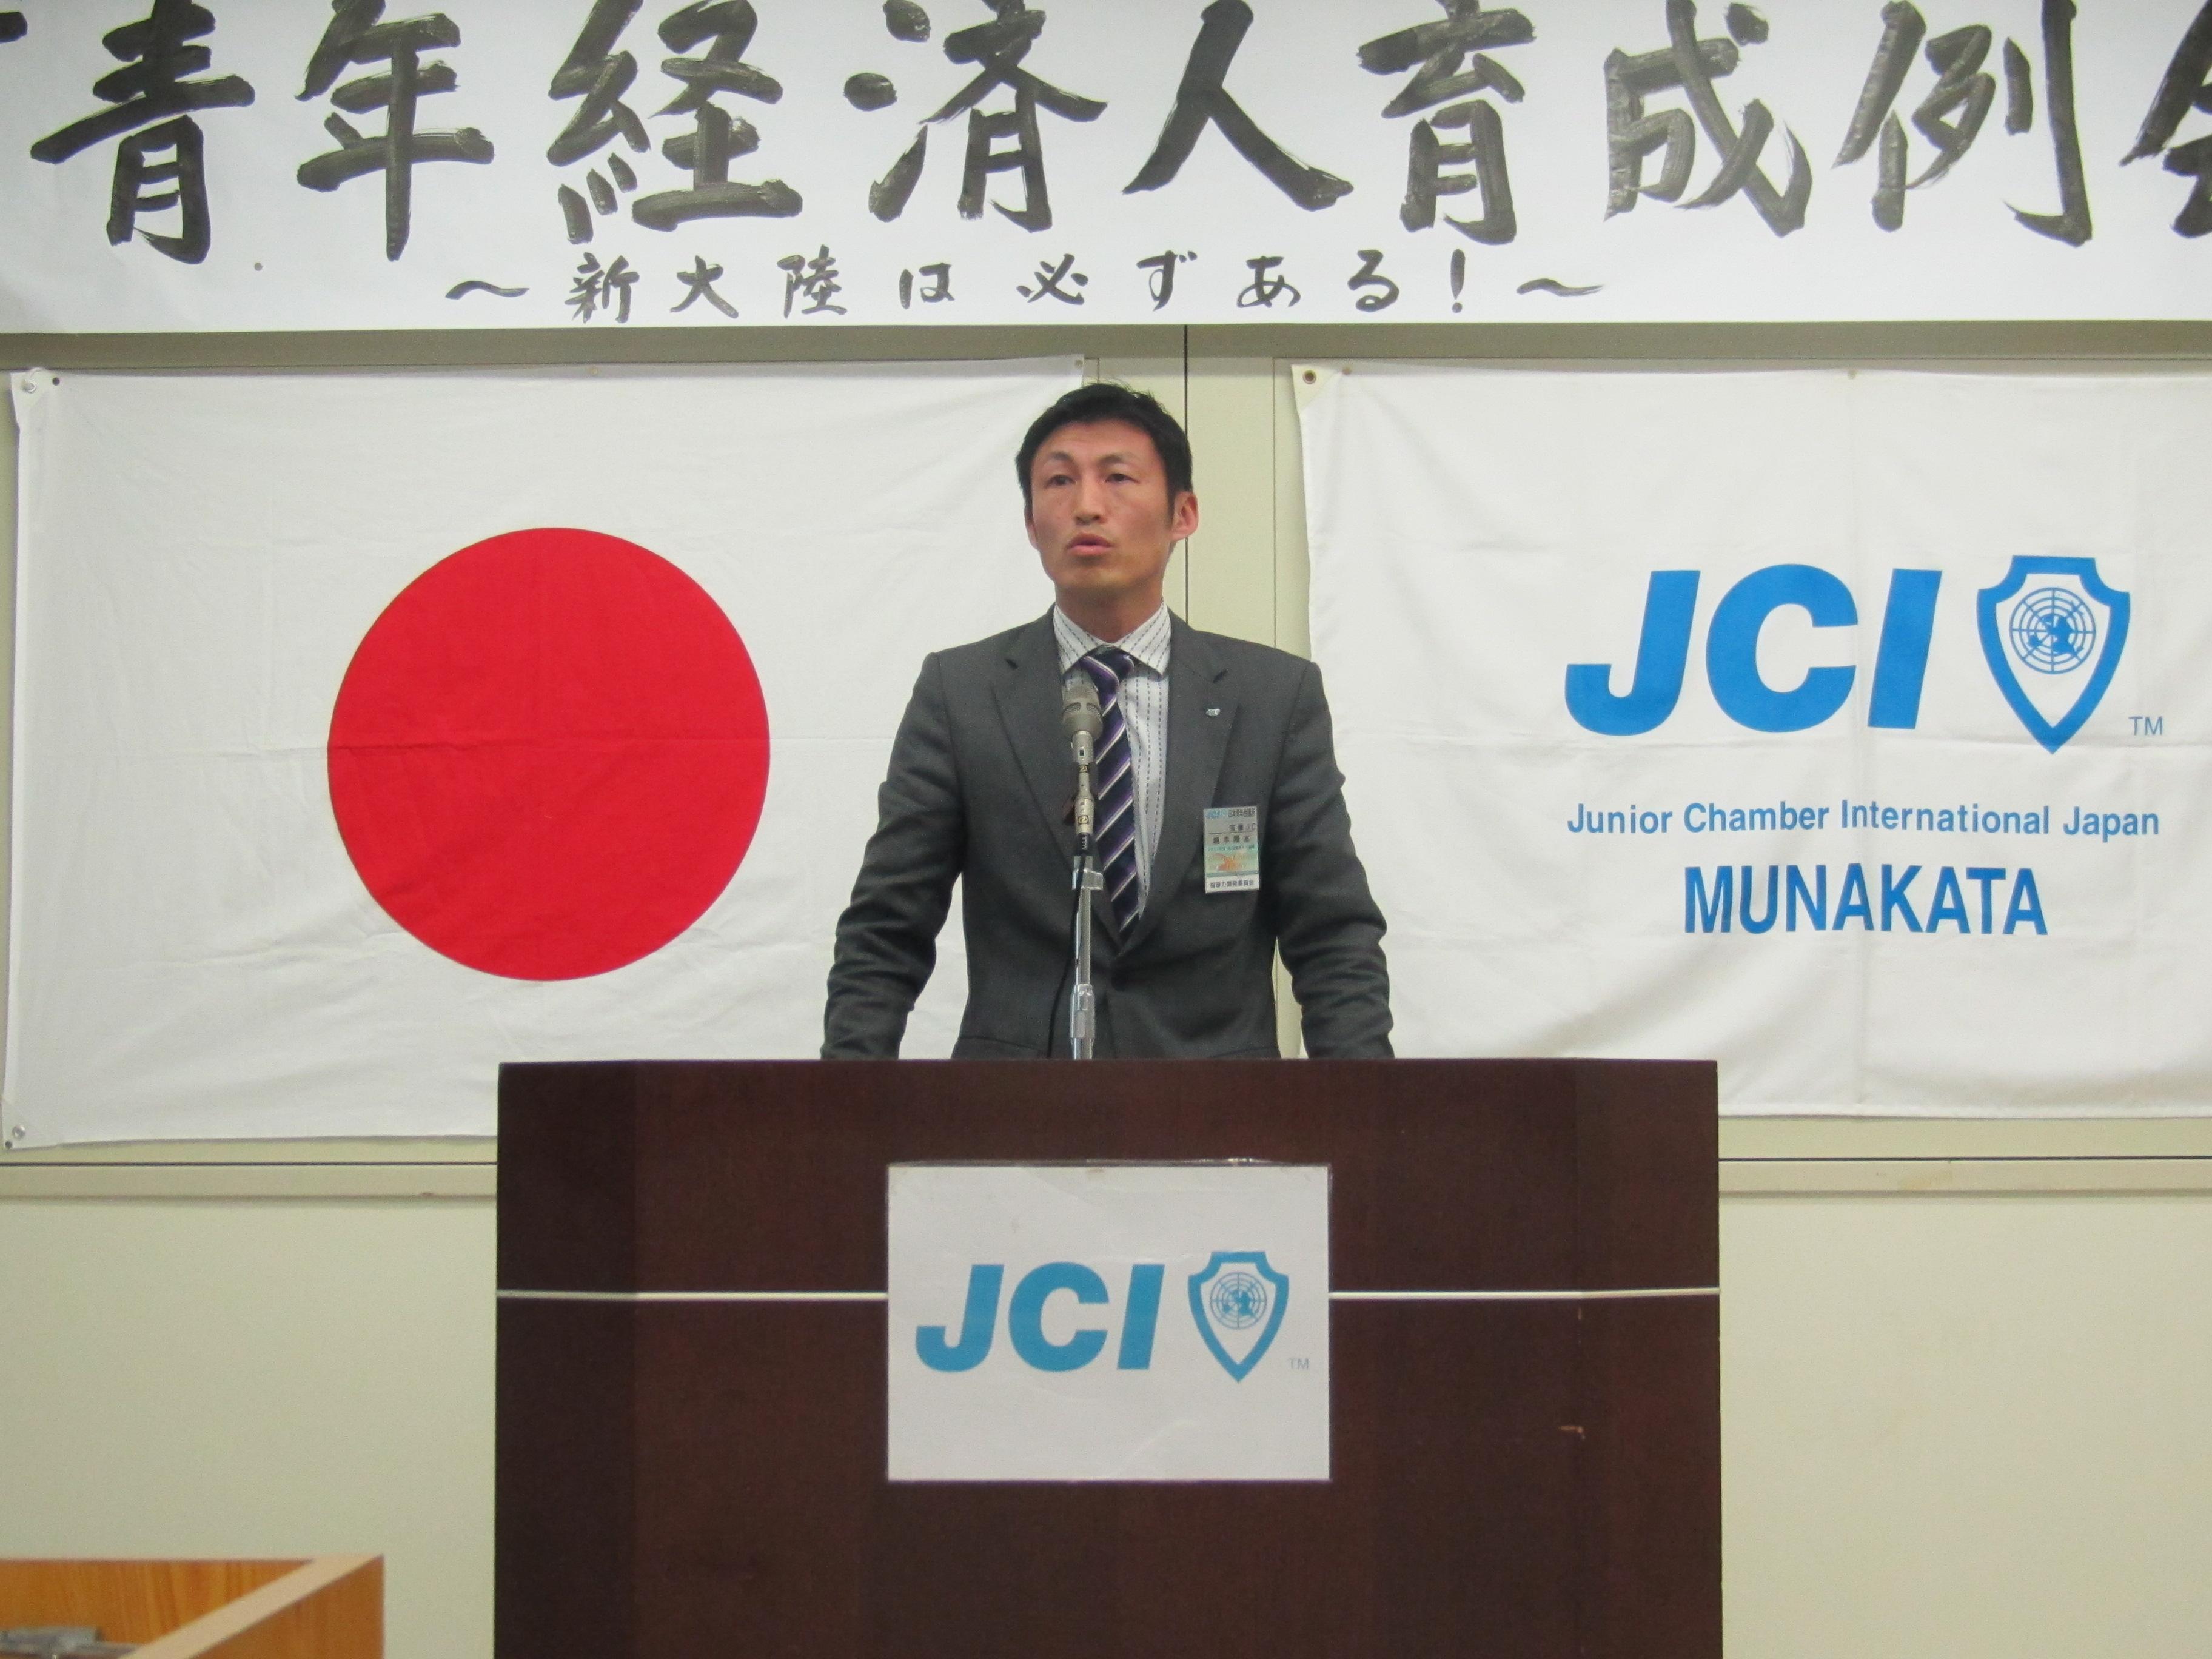 http://www.munakatajc.com/active/IMG_1166.JPG